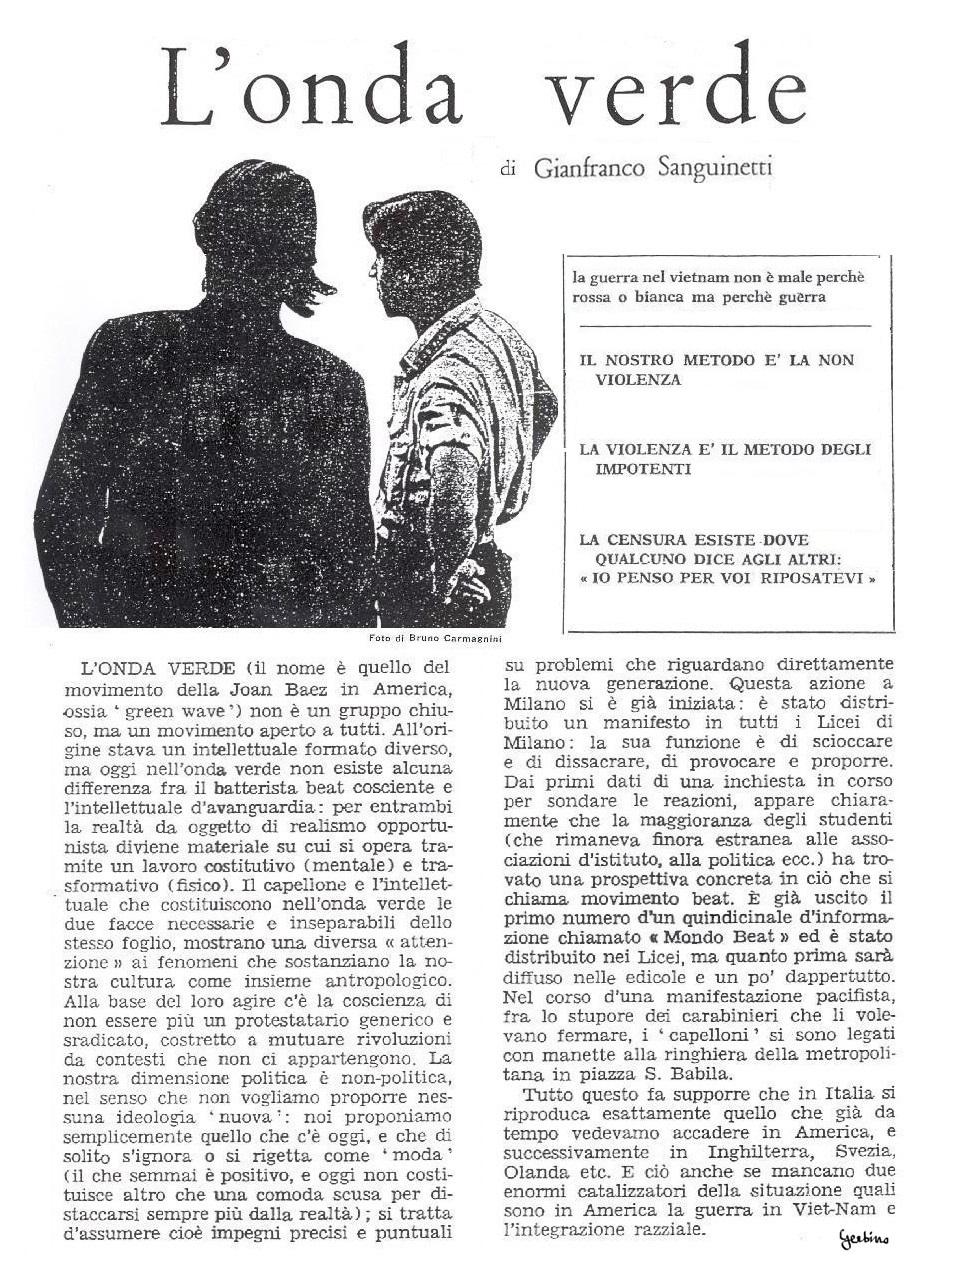 Gianfranco Sanguinetti sarebbe diventato un esponente di spicco dell'Internazionale Situazionista